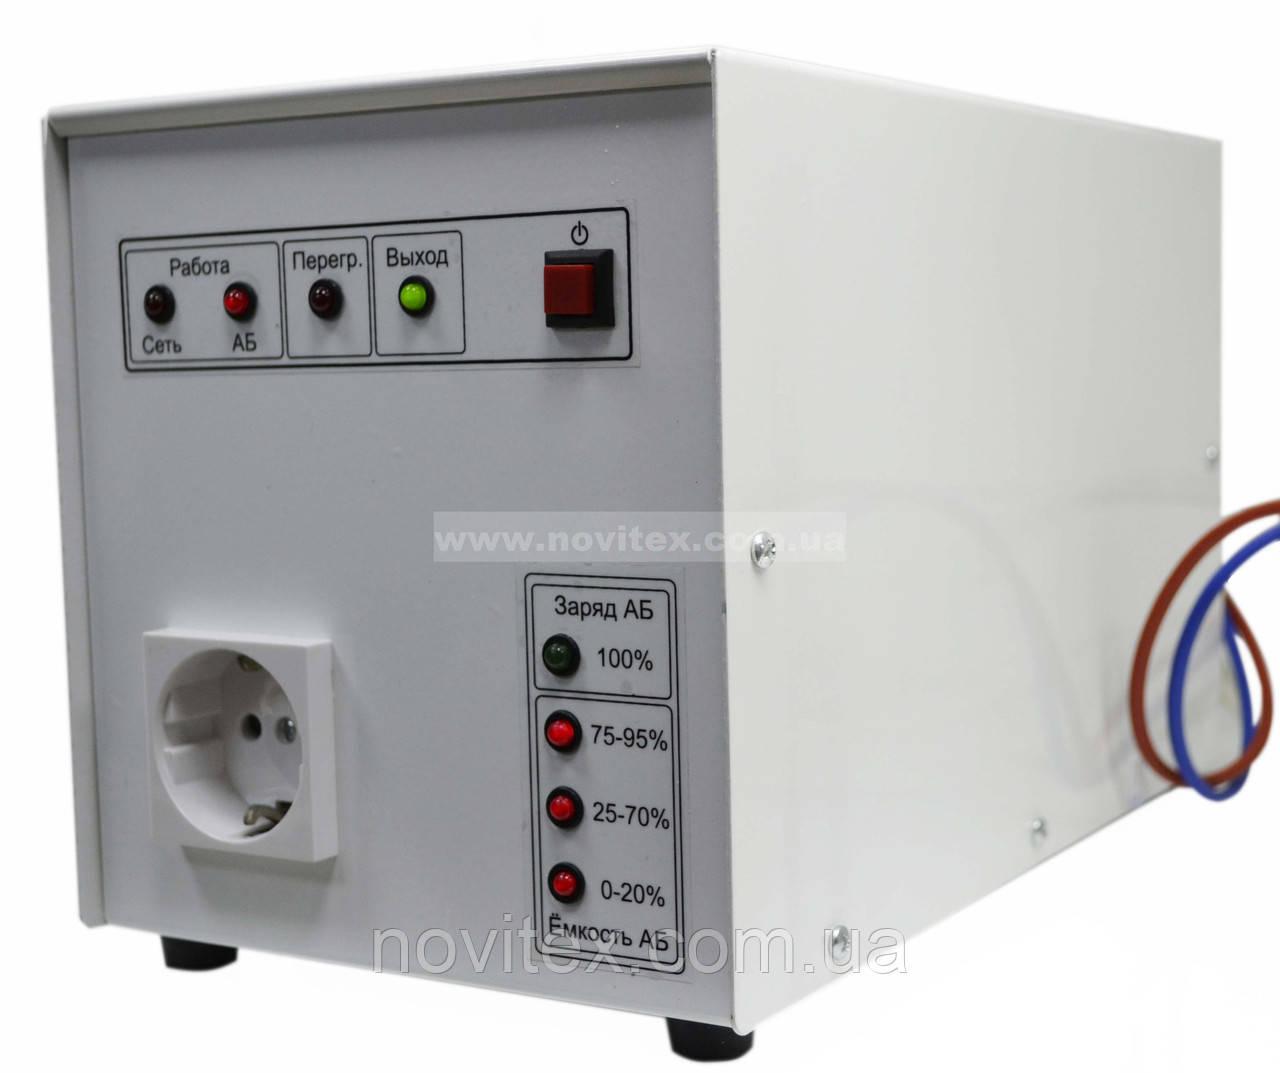 ИБП SinPro 400-S910 (400Вт) 24В